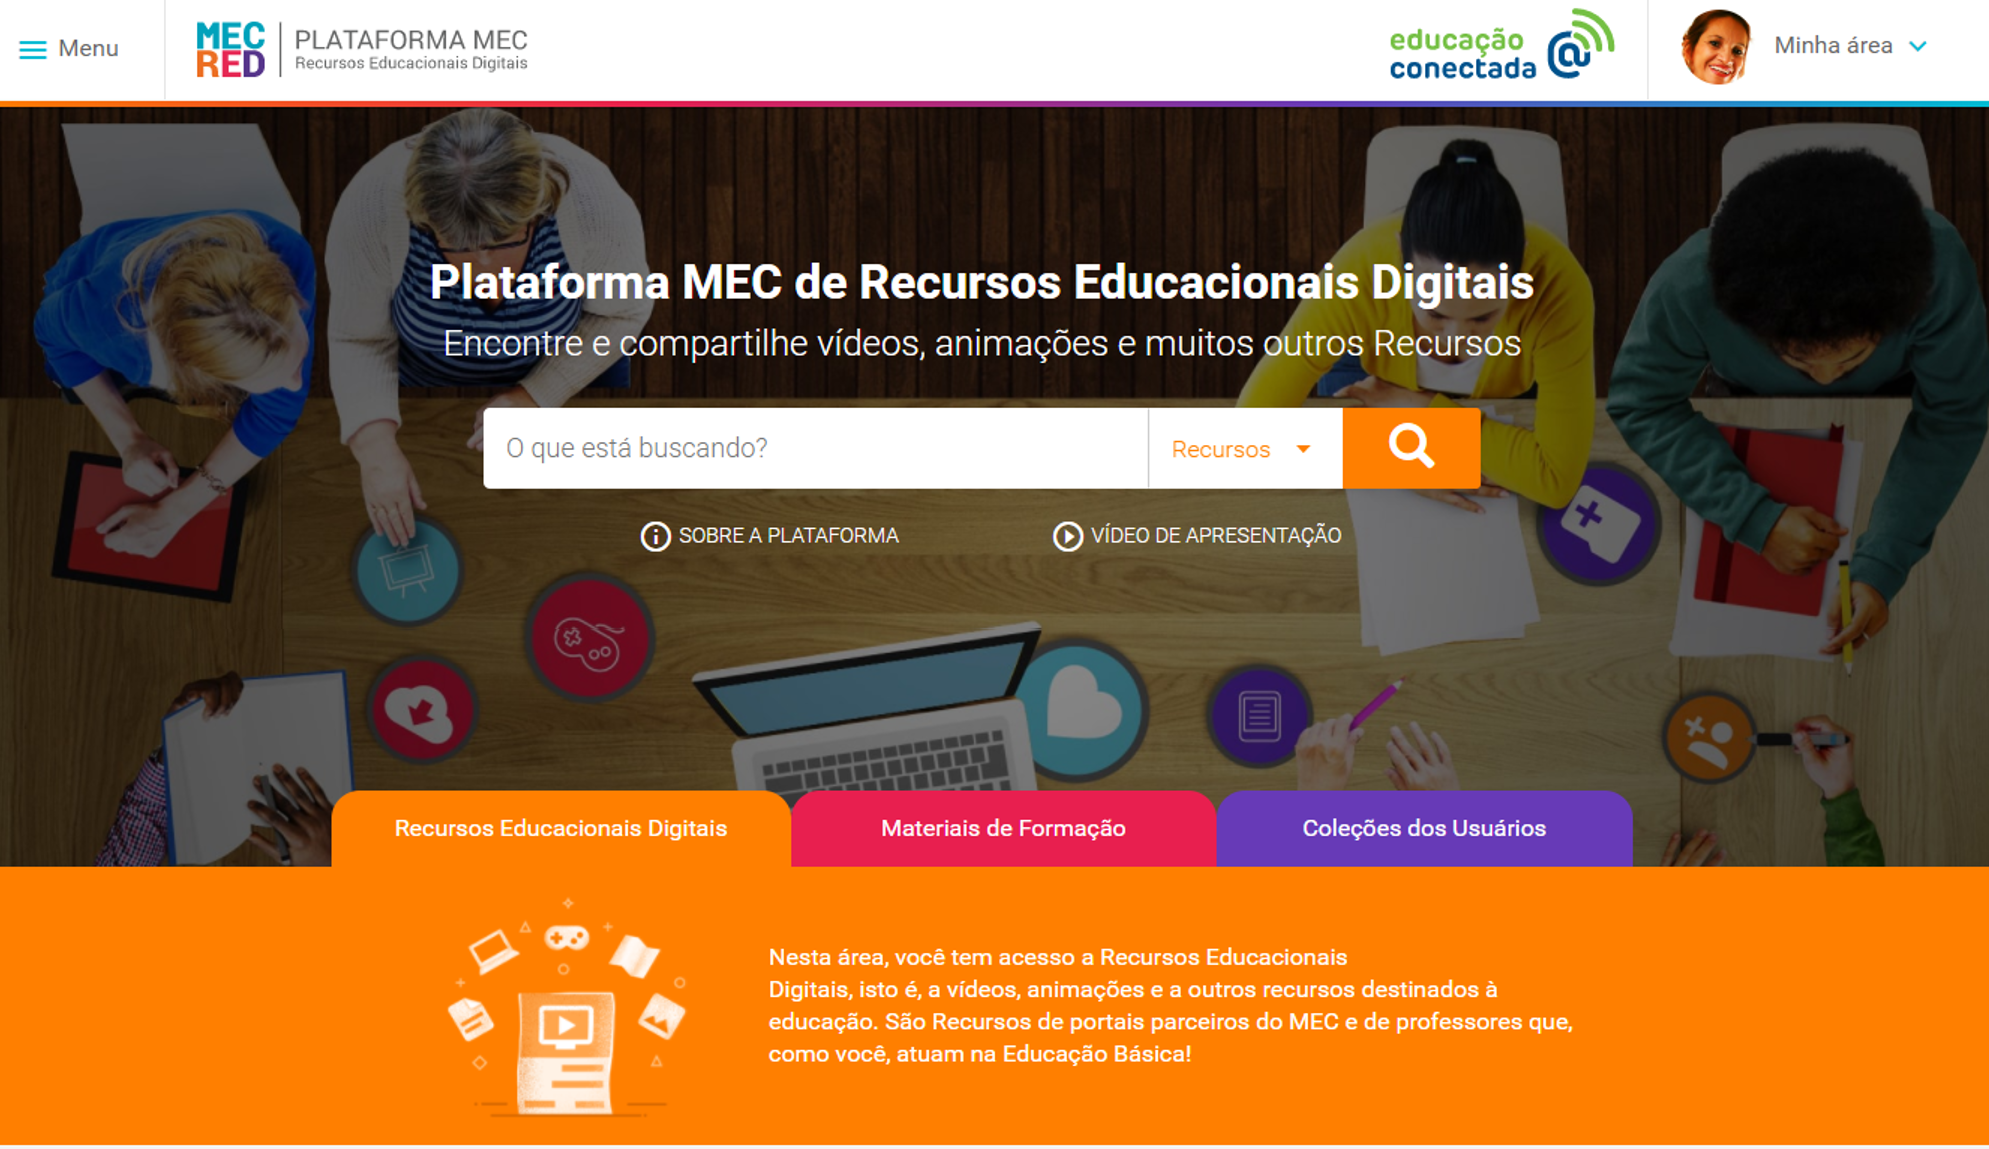 Acesse a Plataforma MEC de Recursos Educacionais Digitais… Já estou conectada… Encontre-me lá!